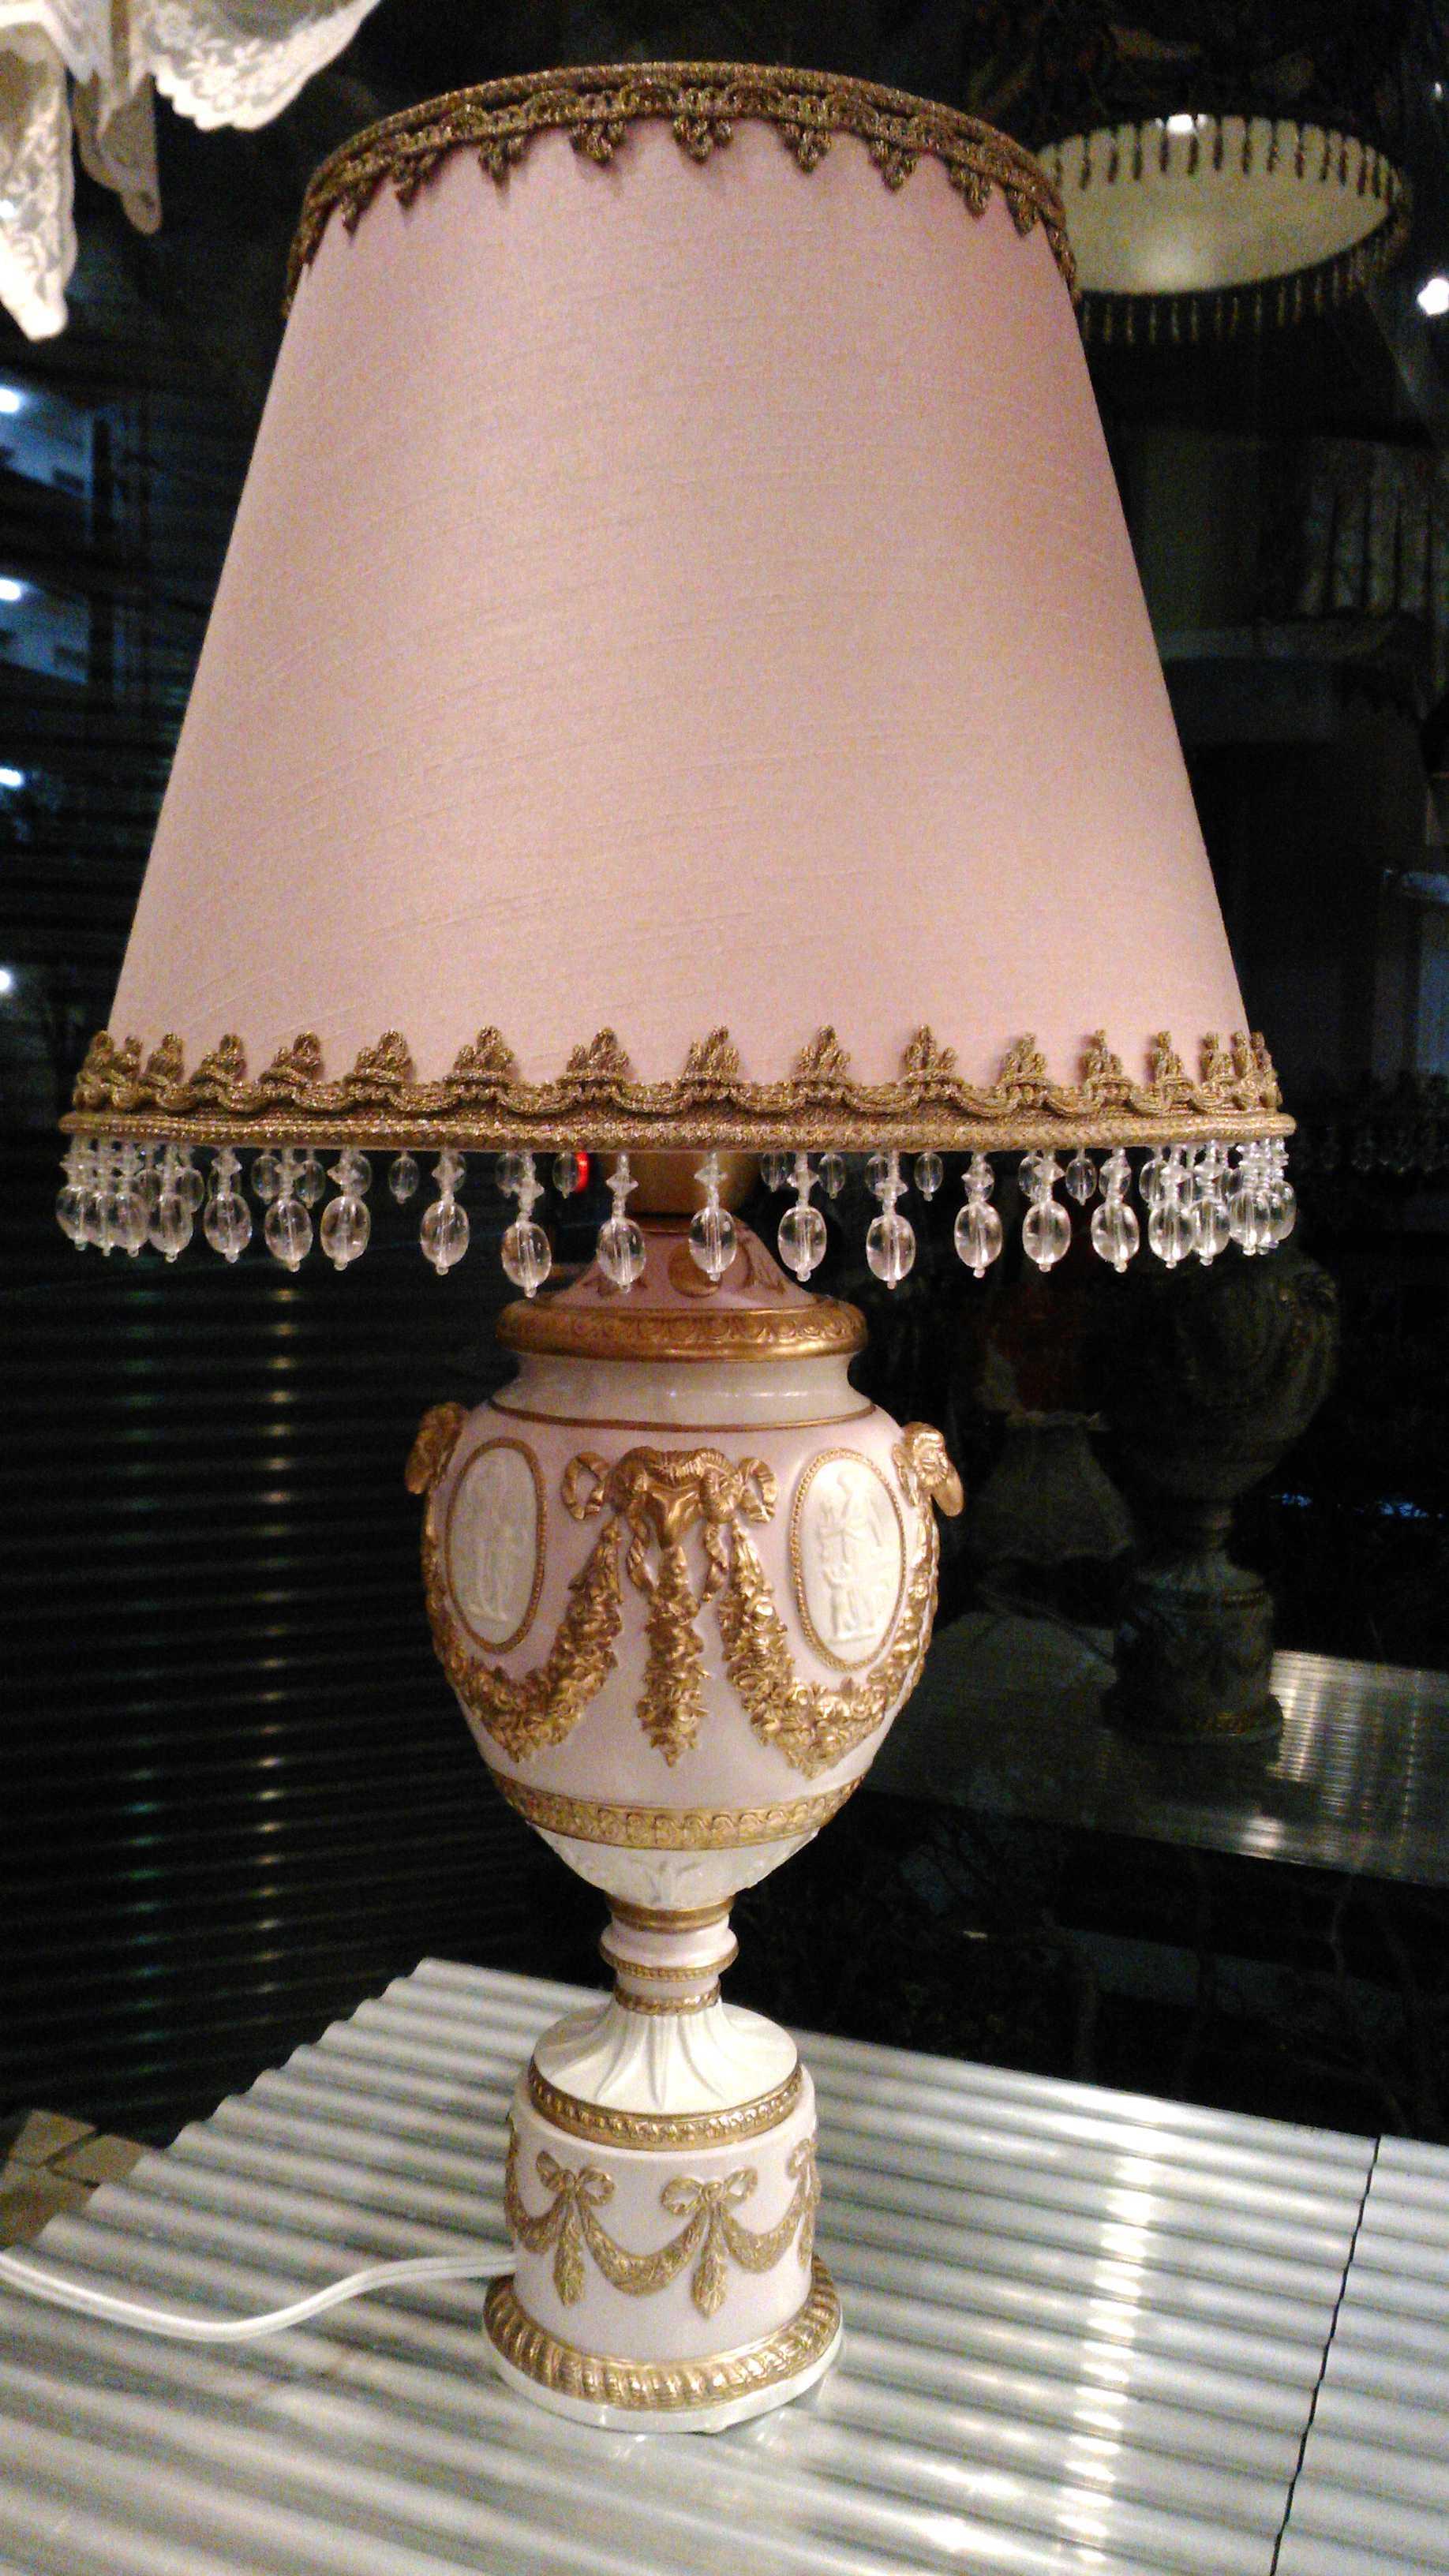 ランプシェード製作 ウィリアムモリス正規販売店のブライト_c0157866_19231920.jpg